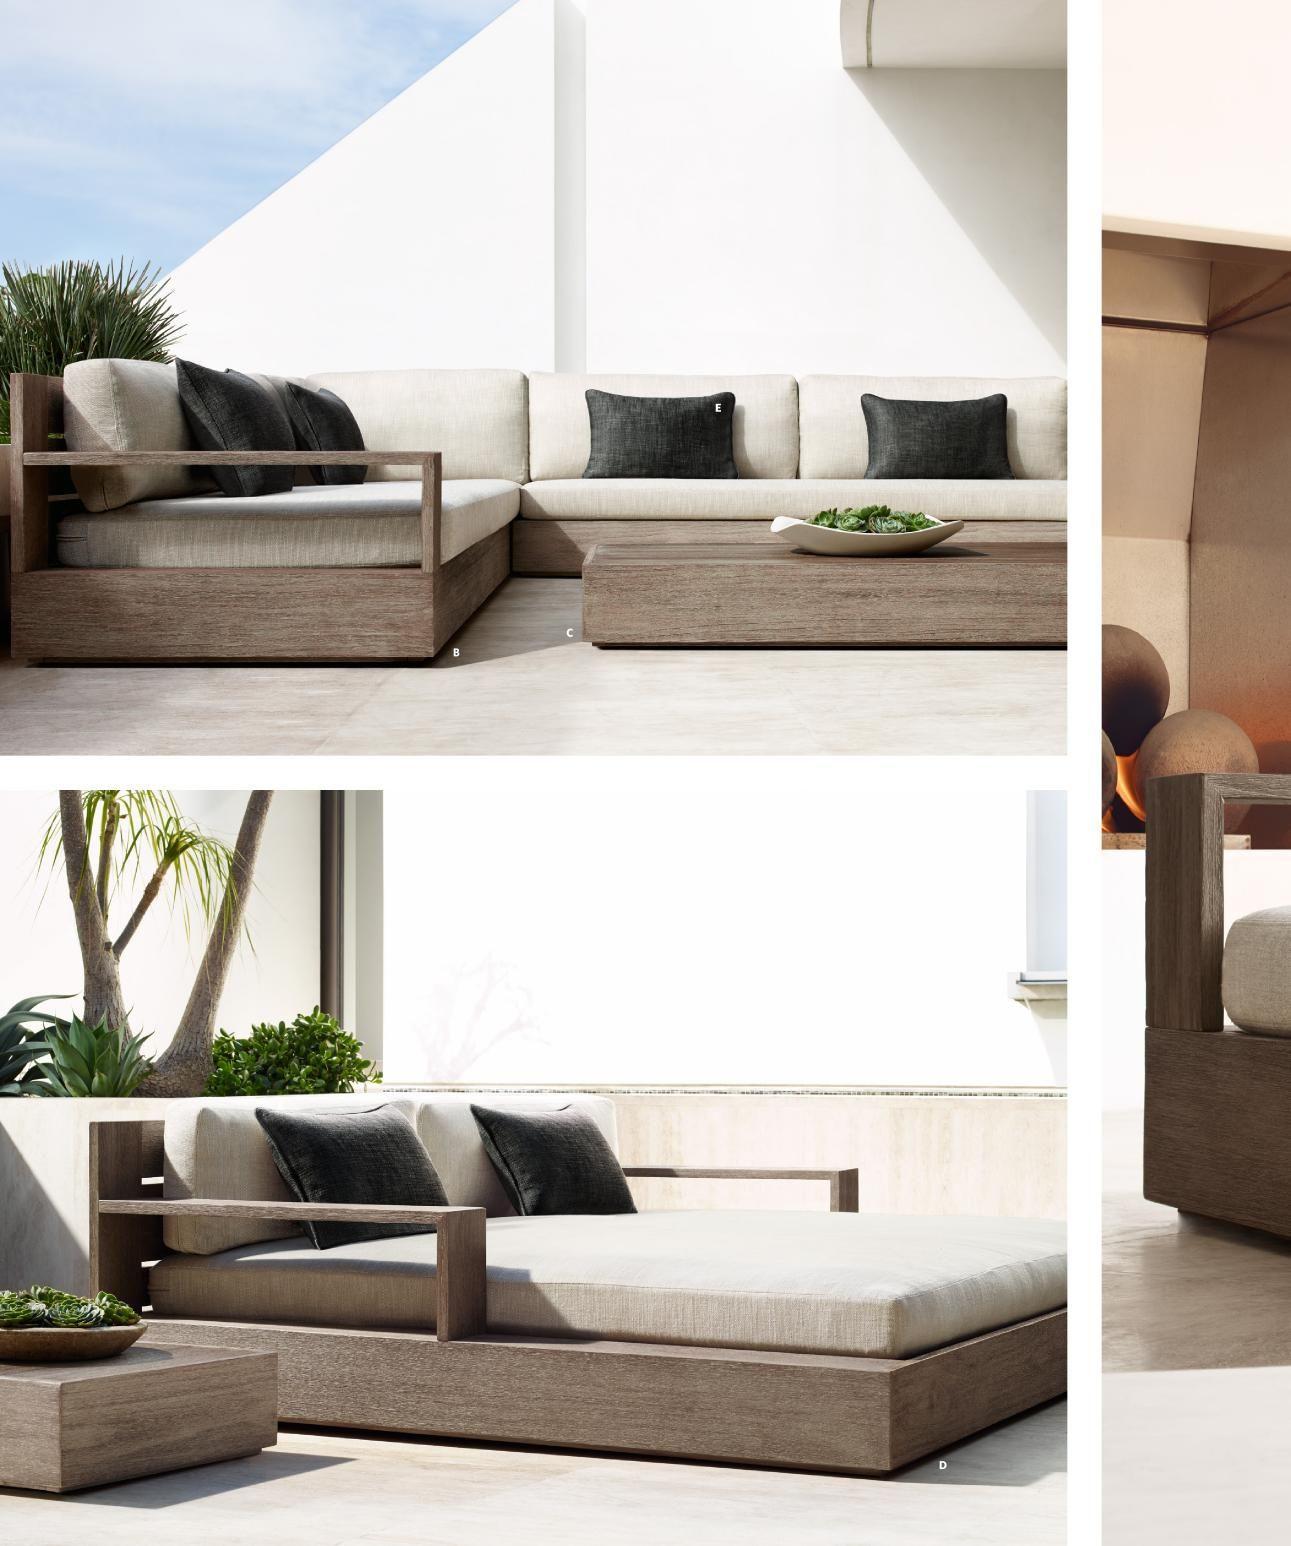 Best ideas about Restoration Hardware Outdoor Furniture . Save or Pin Best 25 Restoration hardware outdoor furniture ideas on Now.